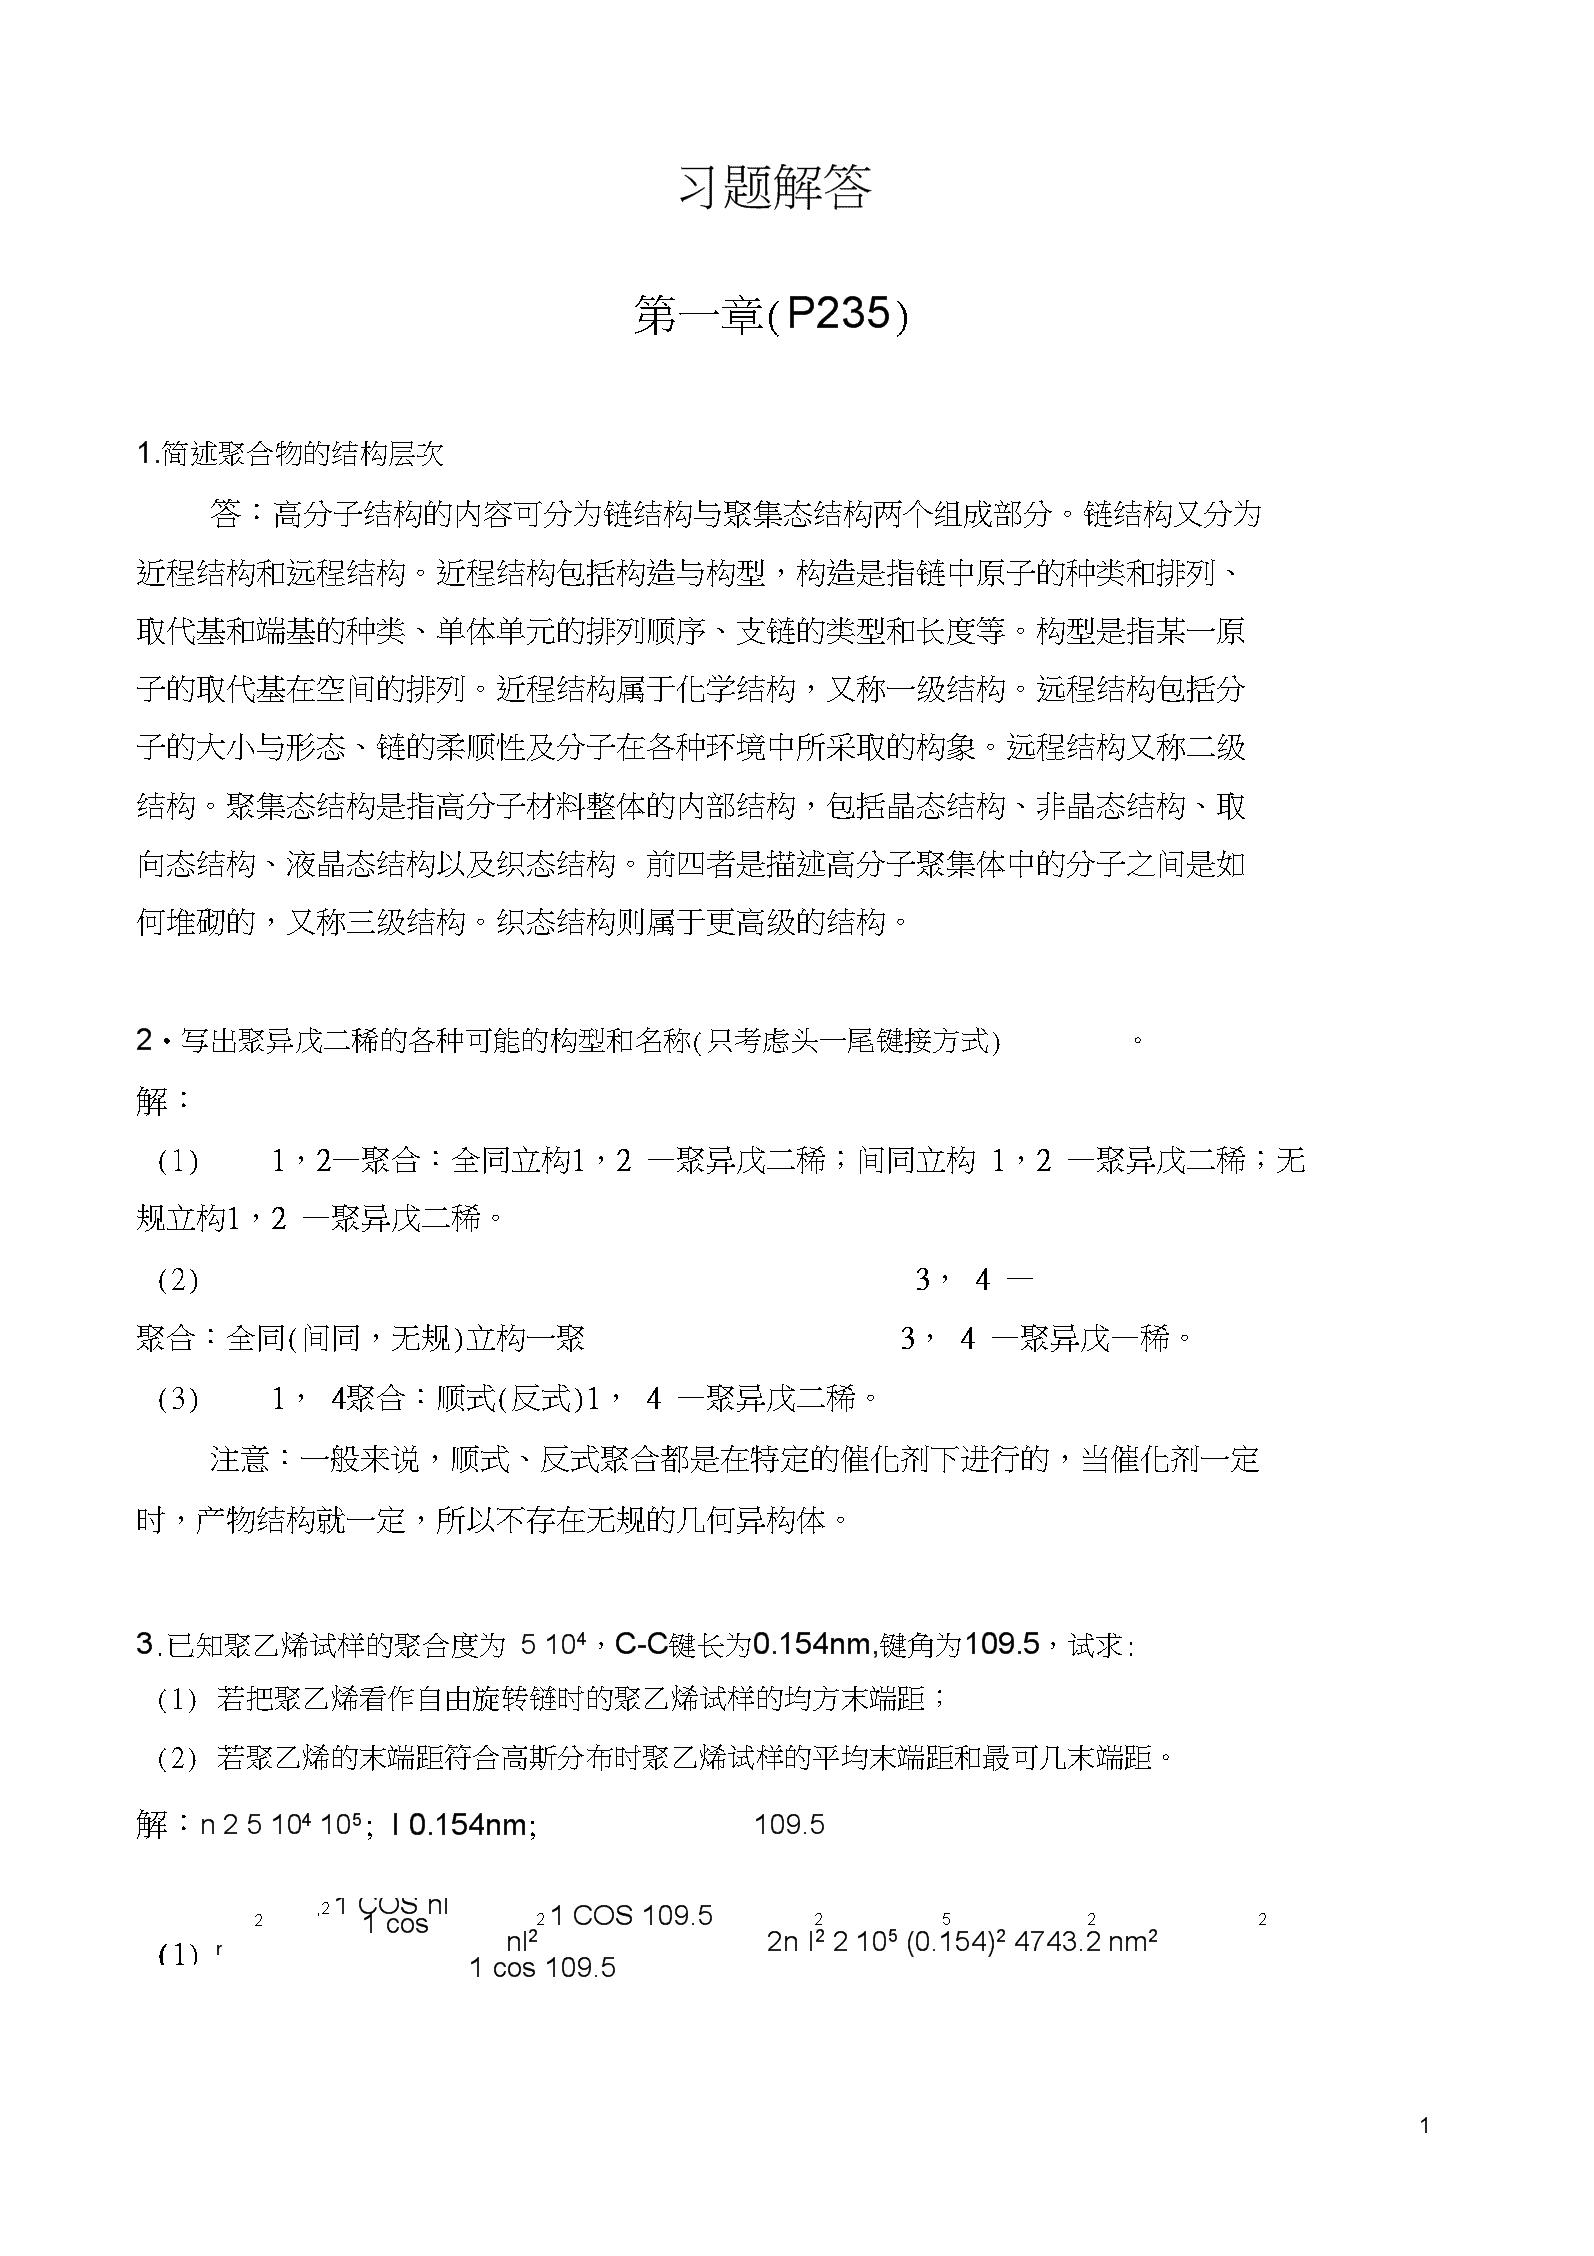 高物课后习题答案.docx